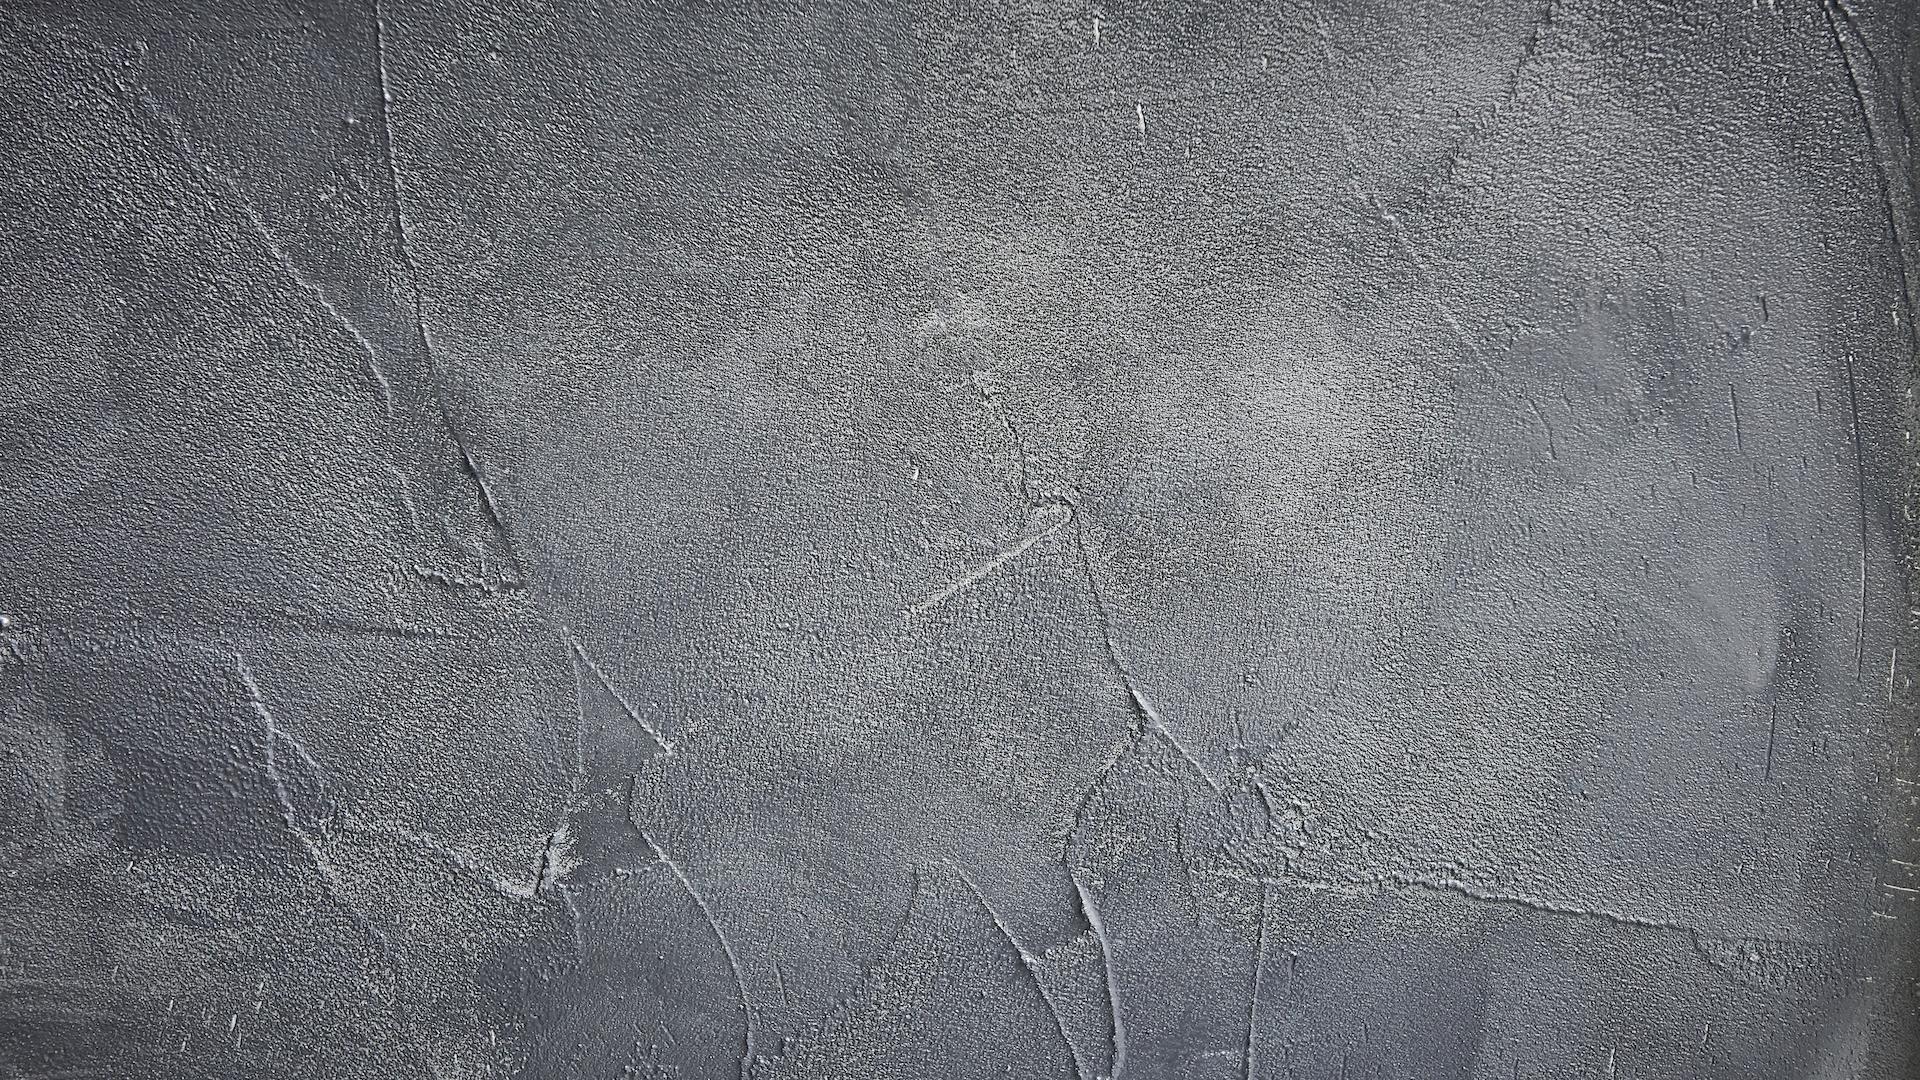 Muurverf Badkamer Betonlook : Muur in betonlook maken voordemakers.nl